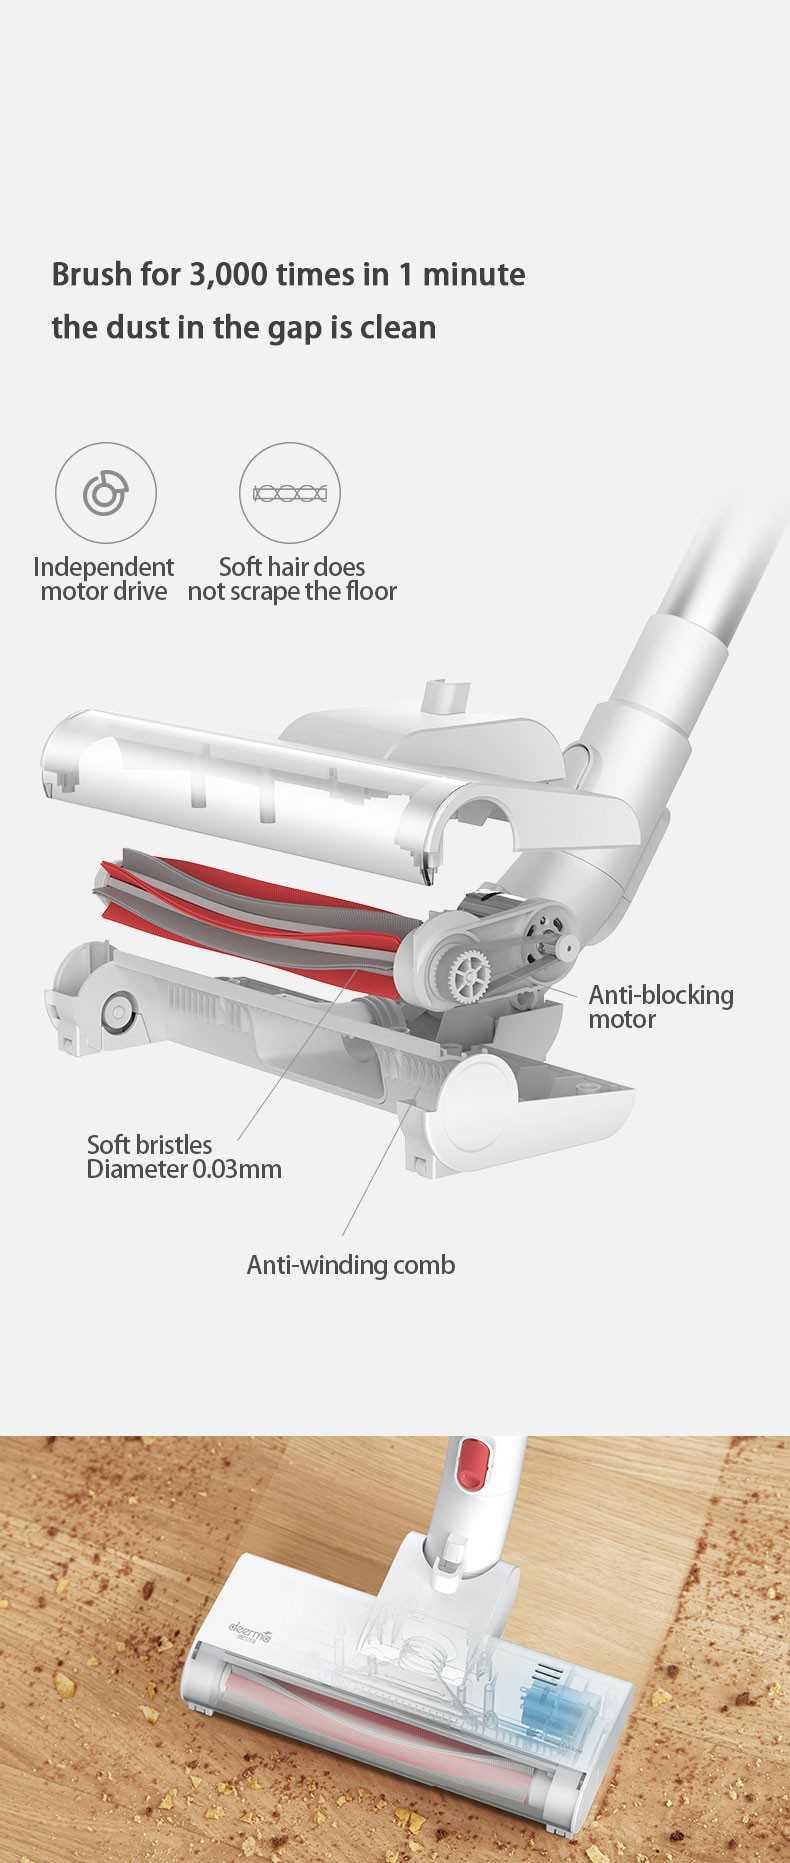 Mi Deerma Handheld Wireless Vacuum Cleaner VC20